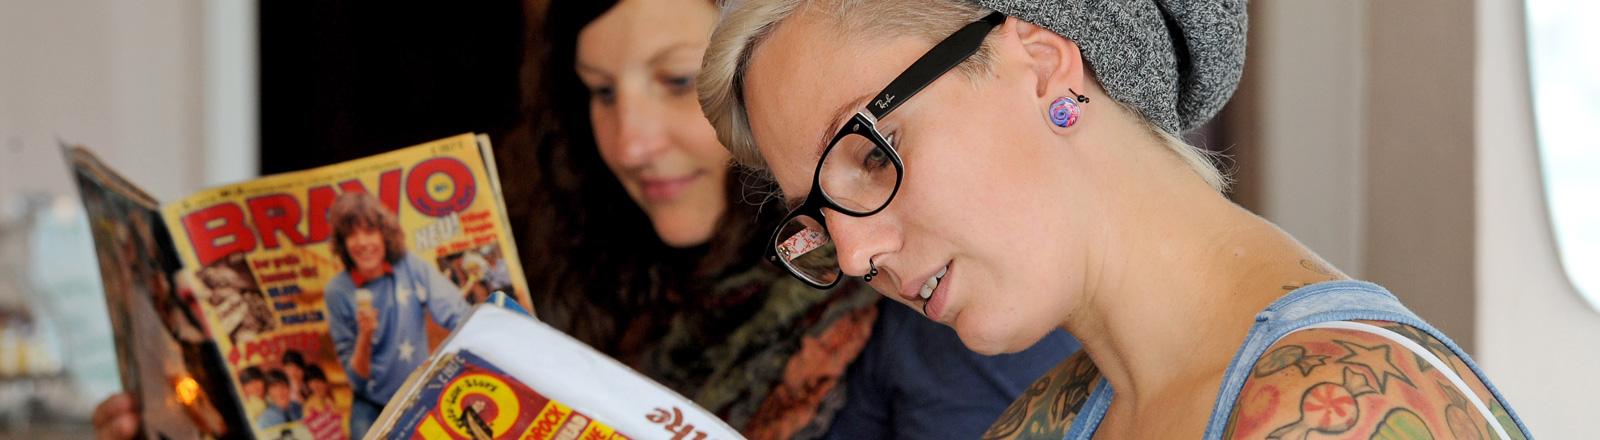 """Zwei junge Frauen lesen alte Ausgaben der Bravo in der Bremer Nostalgie-Kneipe """"Wohnzimmer"""", darin eingebunden ist die Getränkekarte. Die eine Frau hat viele Tattoos; Bild: dpa"""